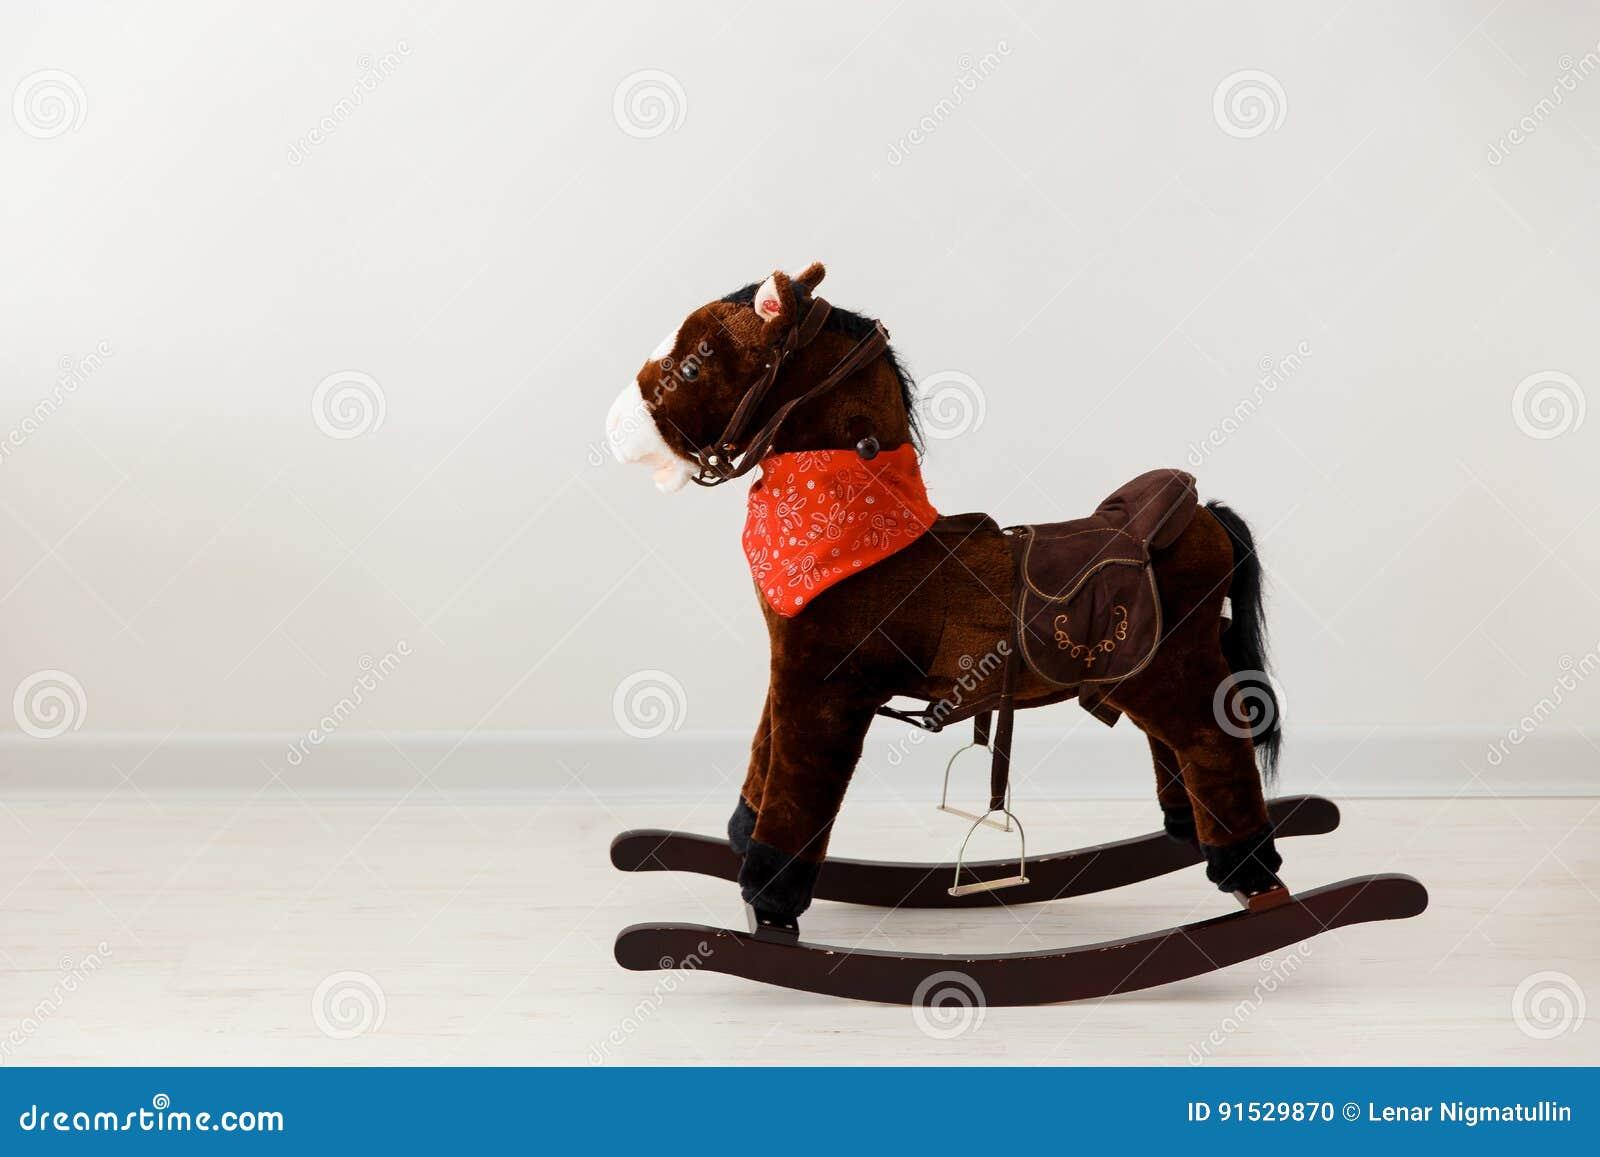 Sedia A Dondolo Classica.Sedia Classica D Annata Sveglia Del Cavallo A Dondolo Fotografia